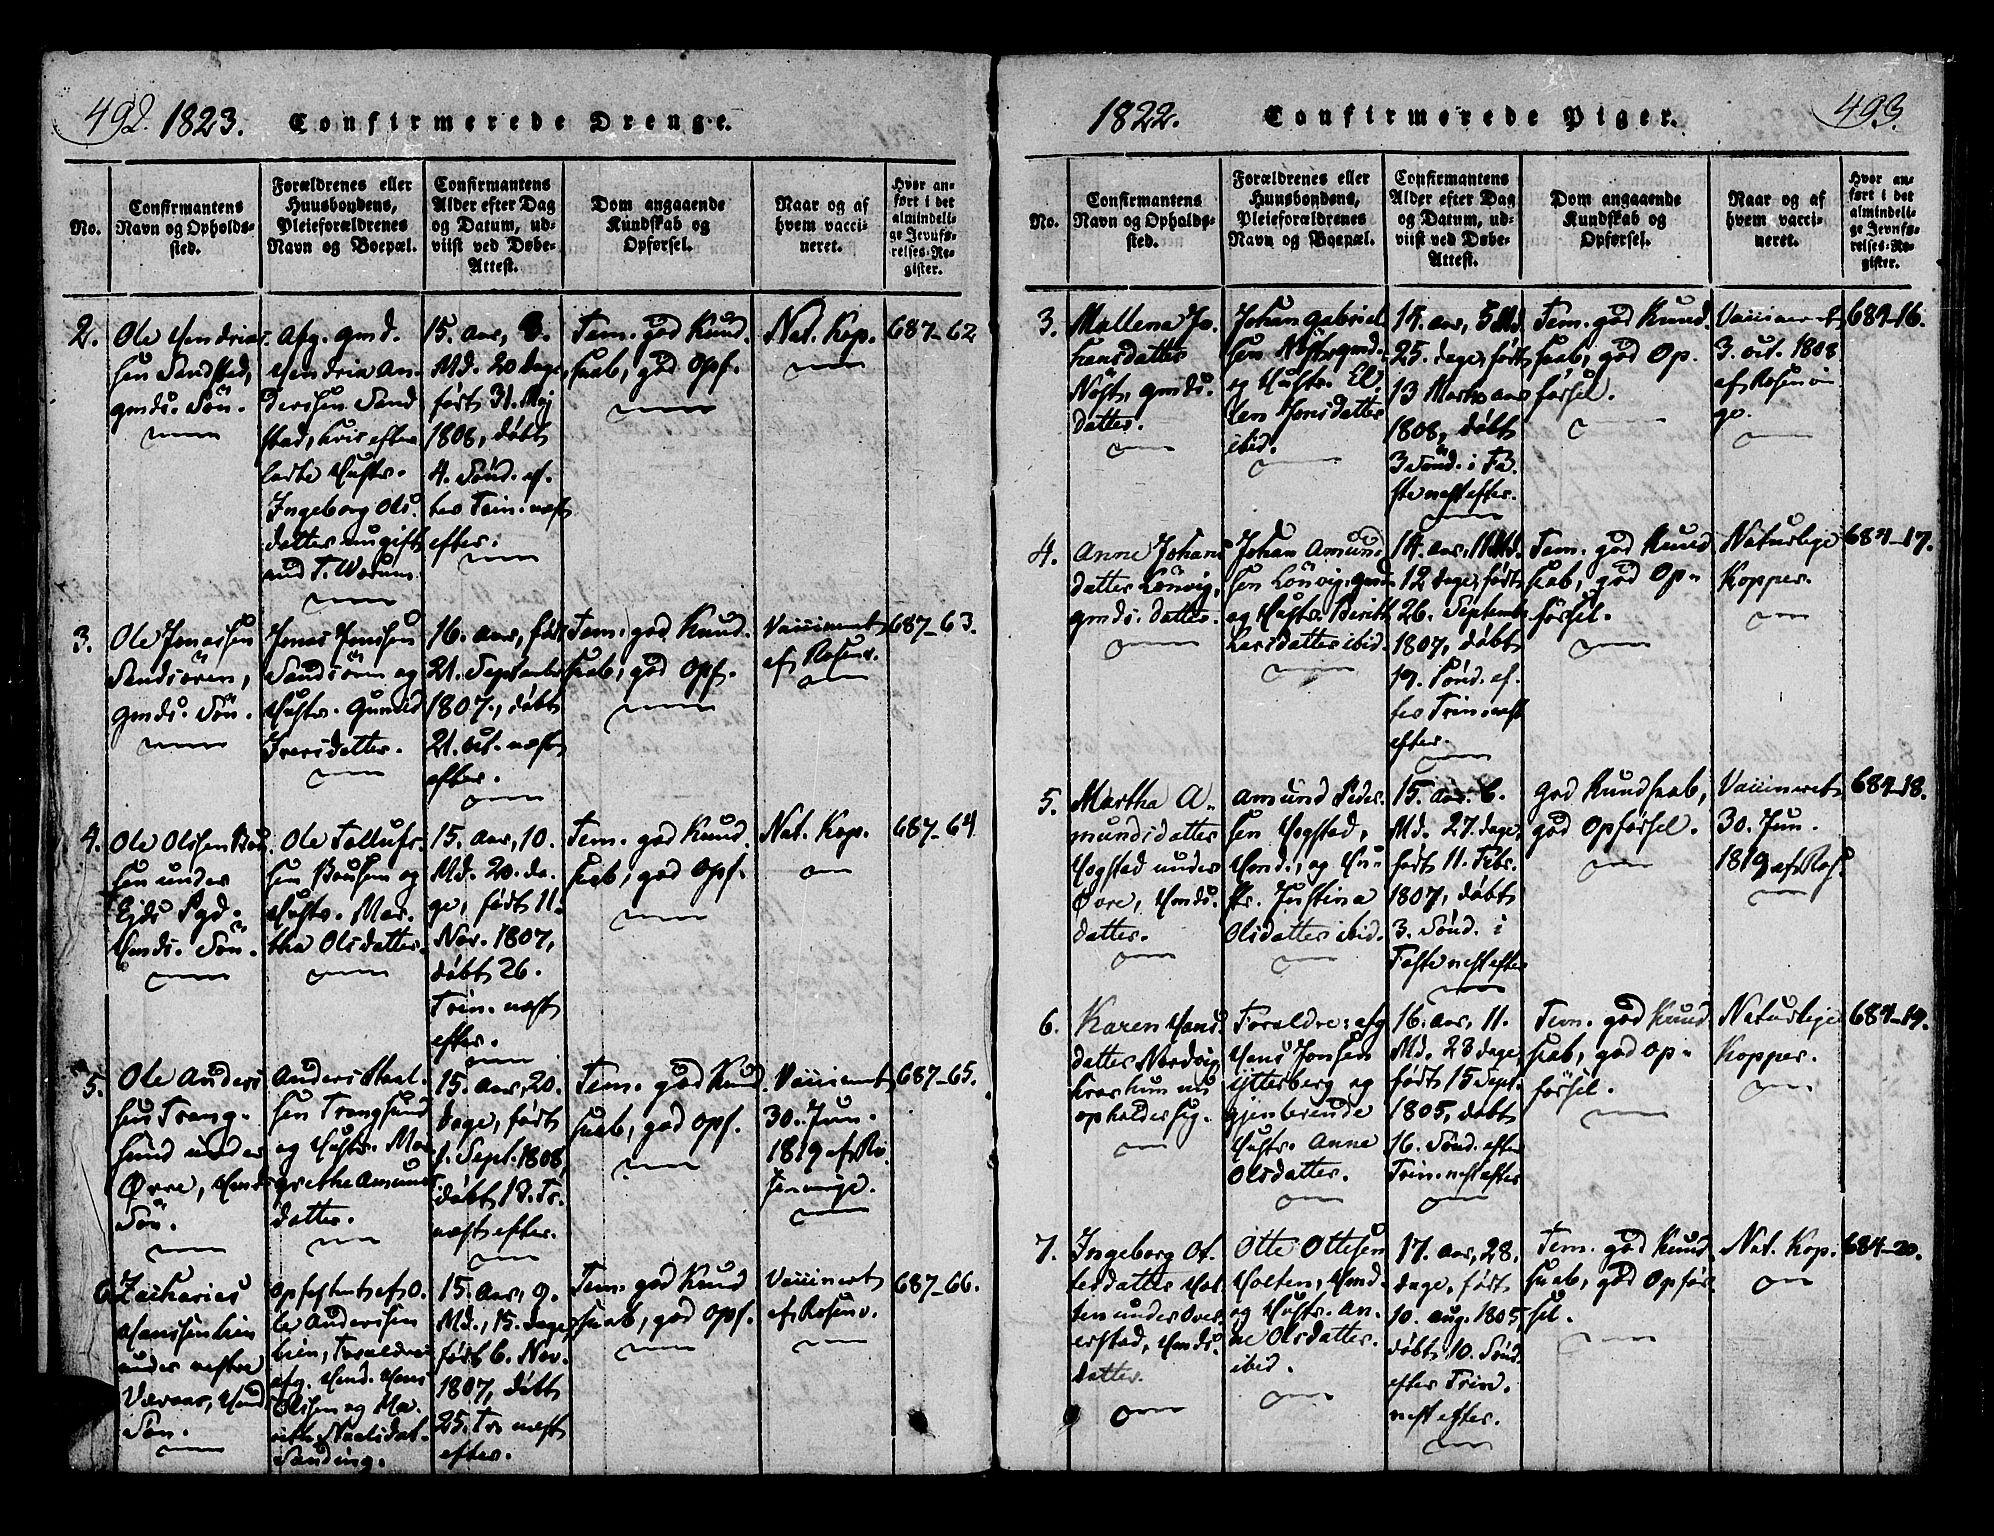 SAT, Ministerialprotokoller, klokkerbøker og fødselsregistre - Nord-Trøndelag, 722/L0217: Ministerialbok nr. 722A04, 1817-1842, s. 492-493